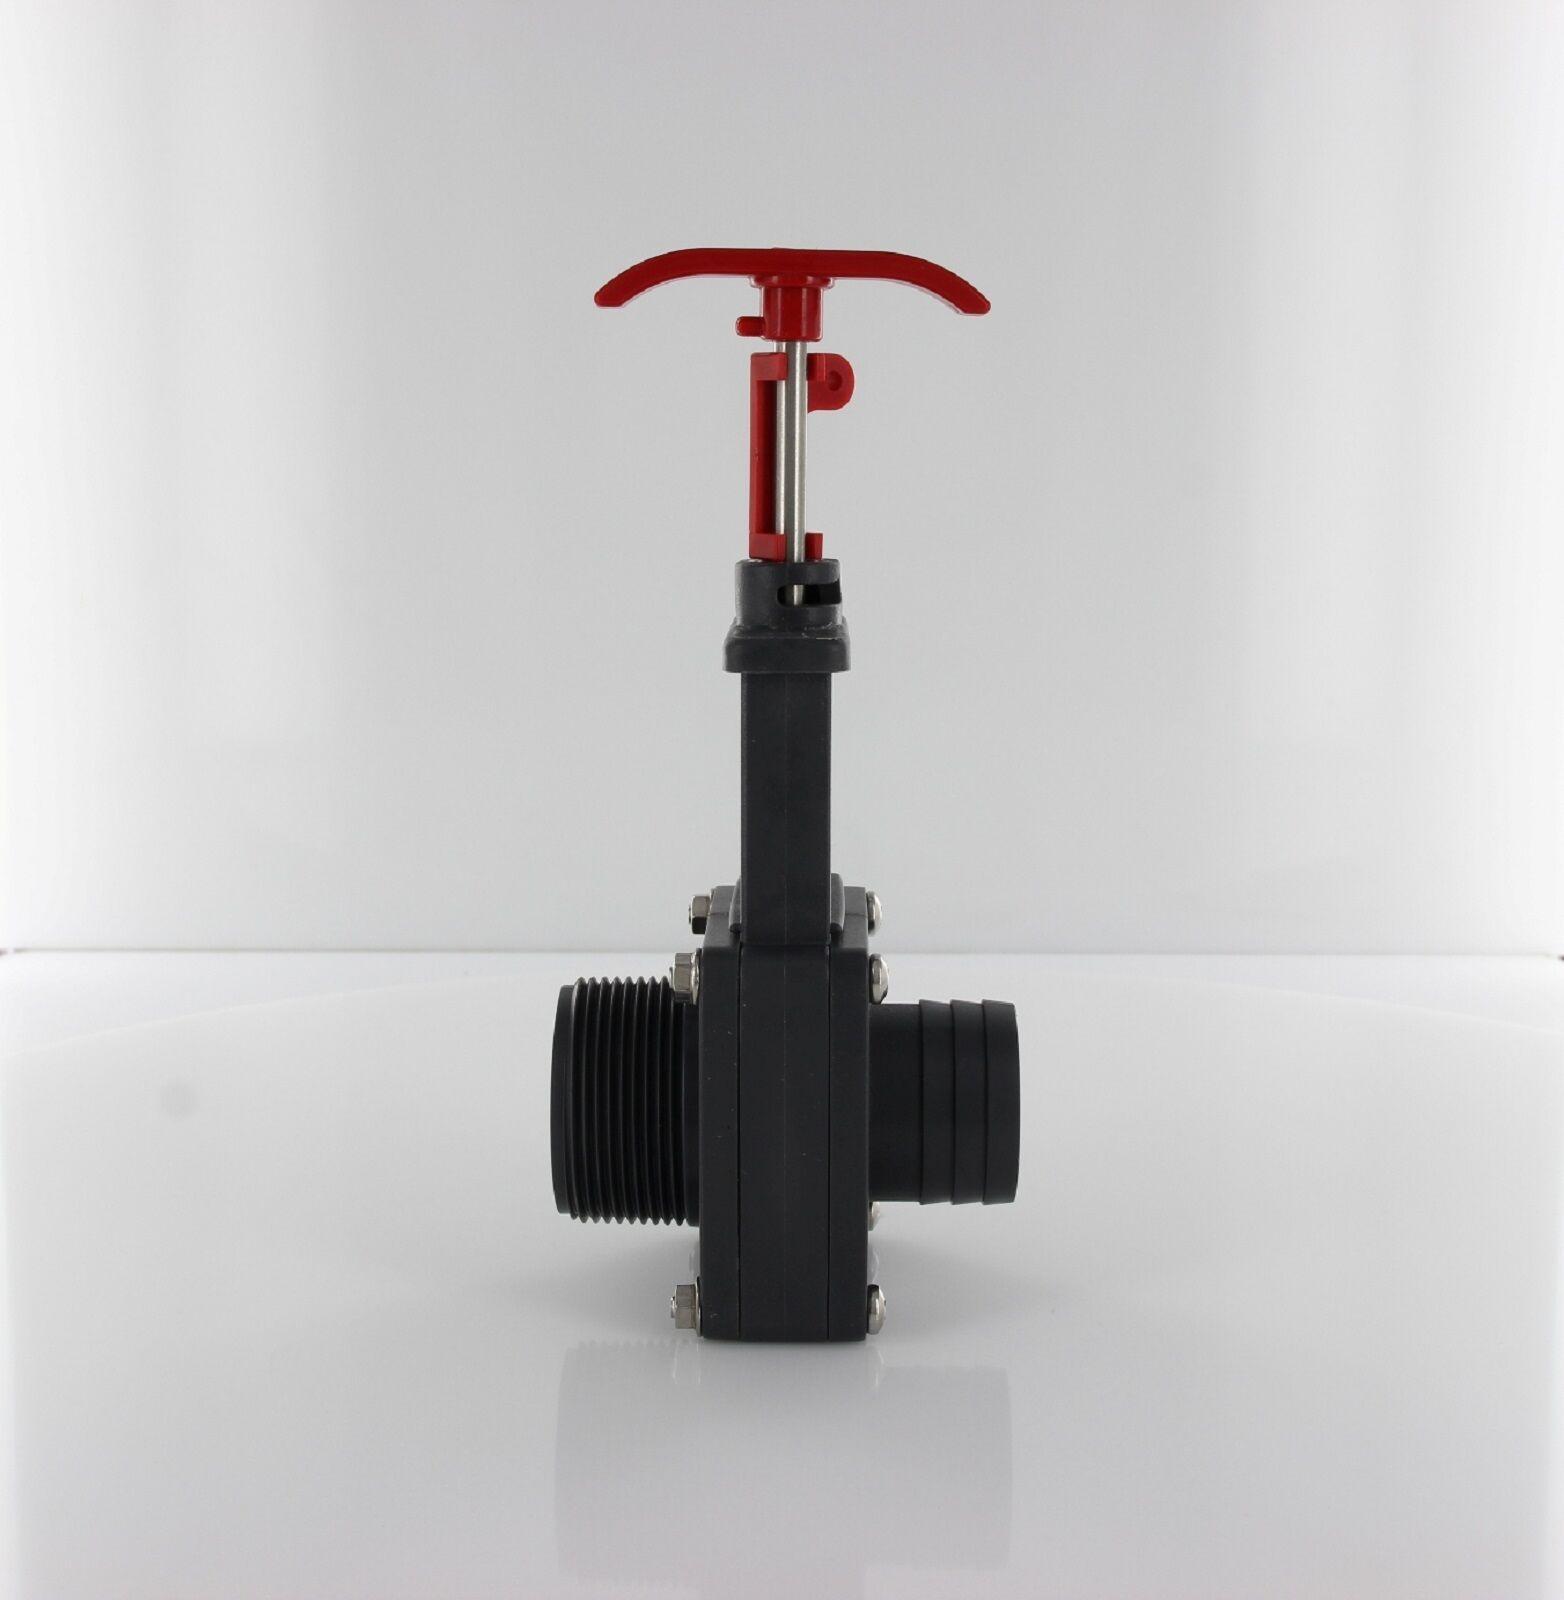 pool absperrschieber ventil schieber schlauchanschluss 38 mm x 1 1 2 ag ebay. Black Bedroom Furniture Sets. Home Design Ideas